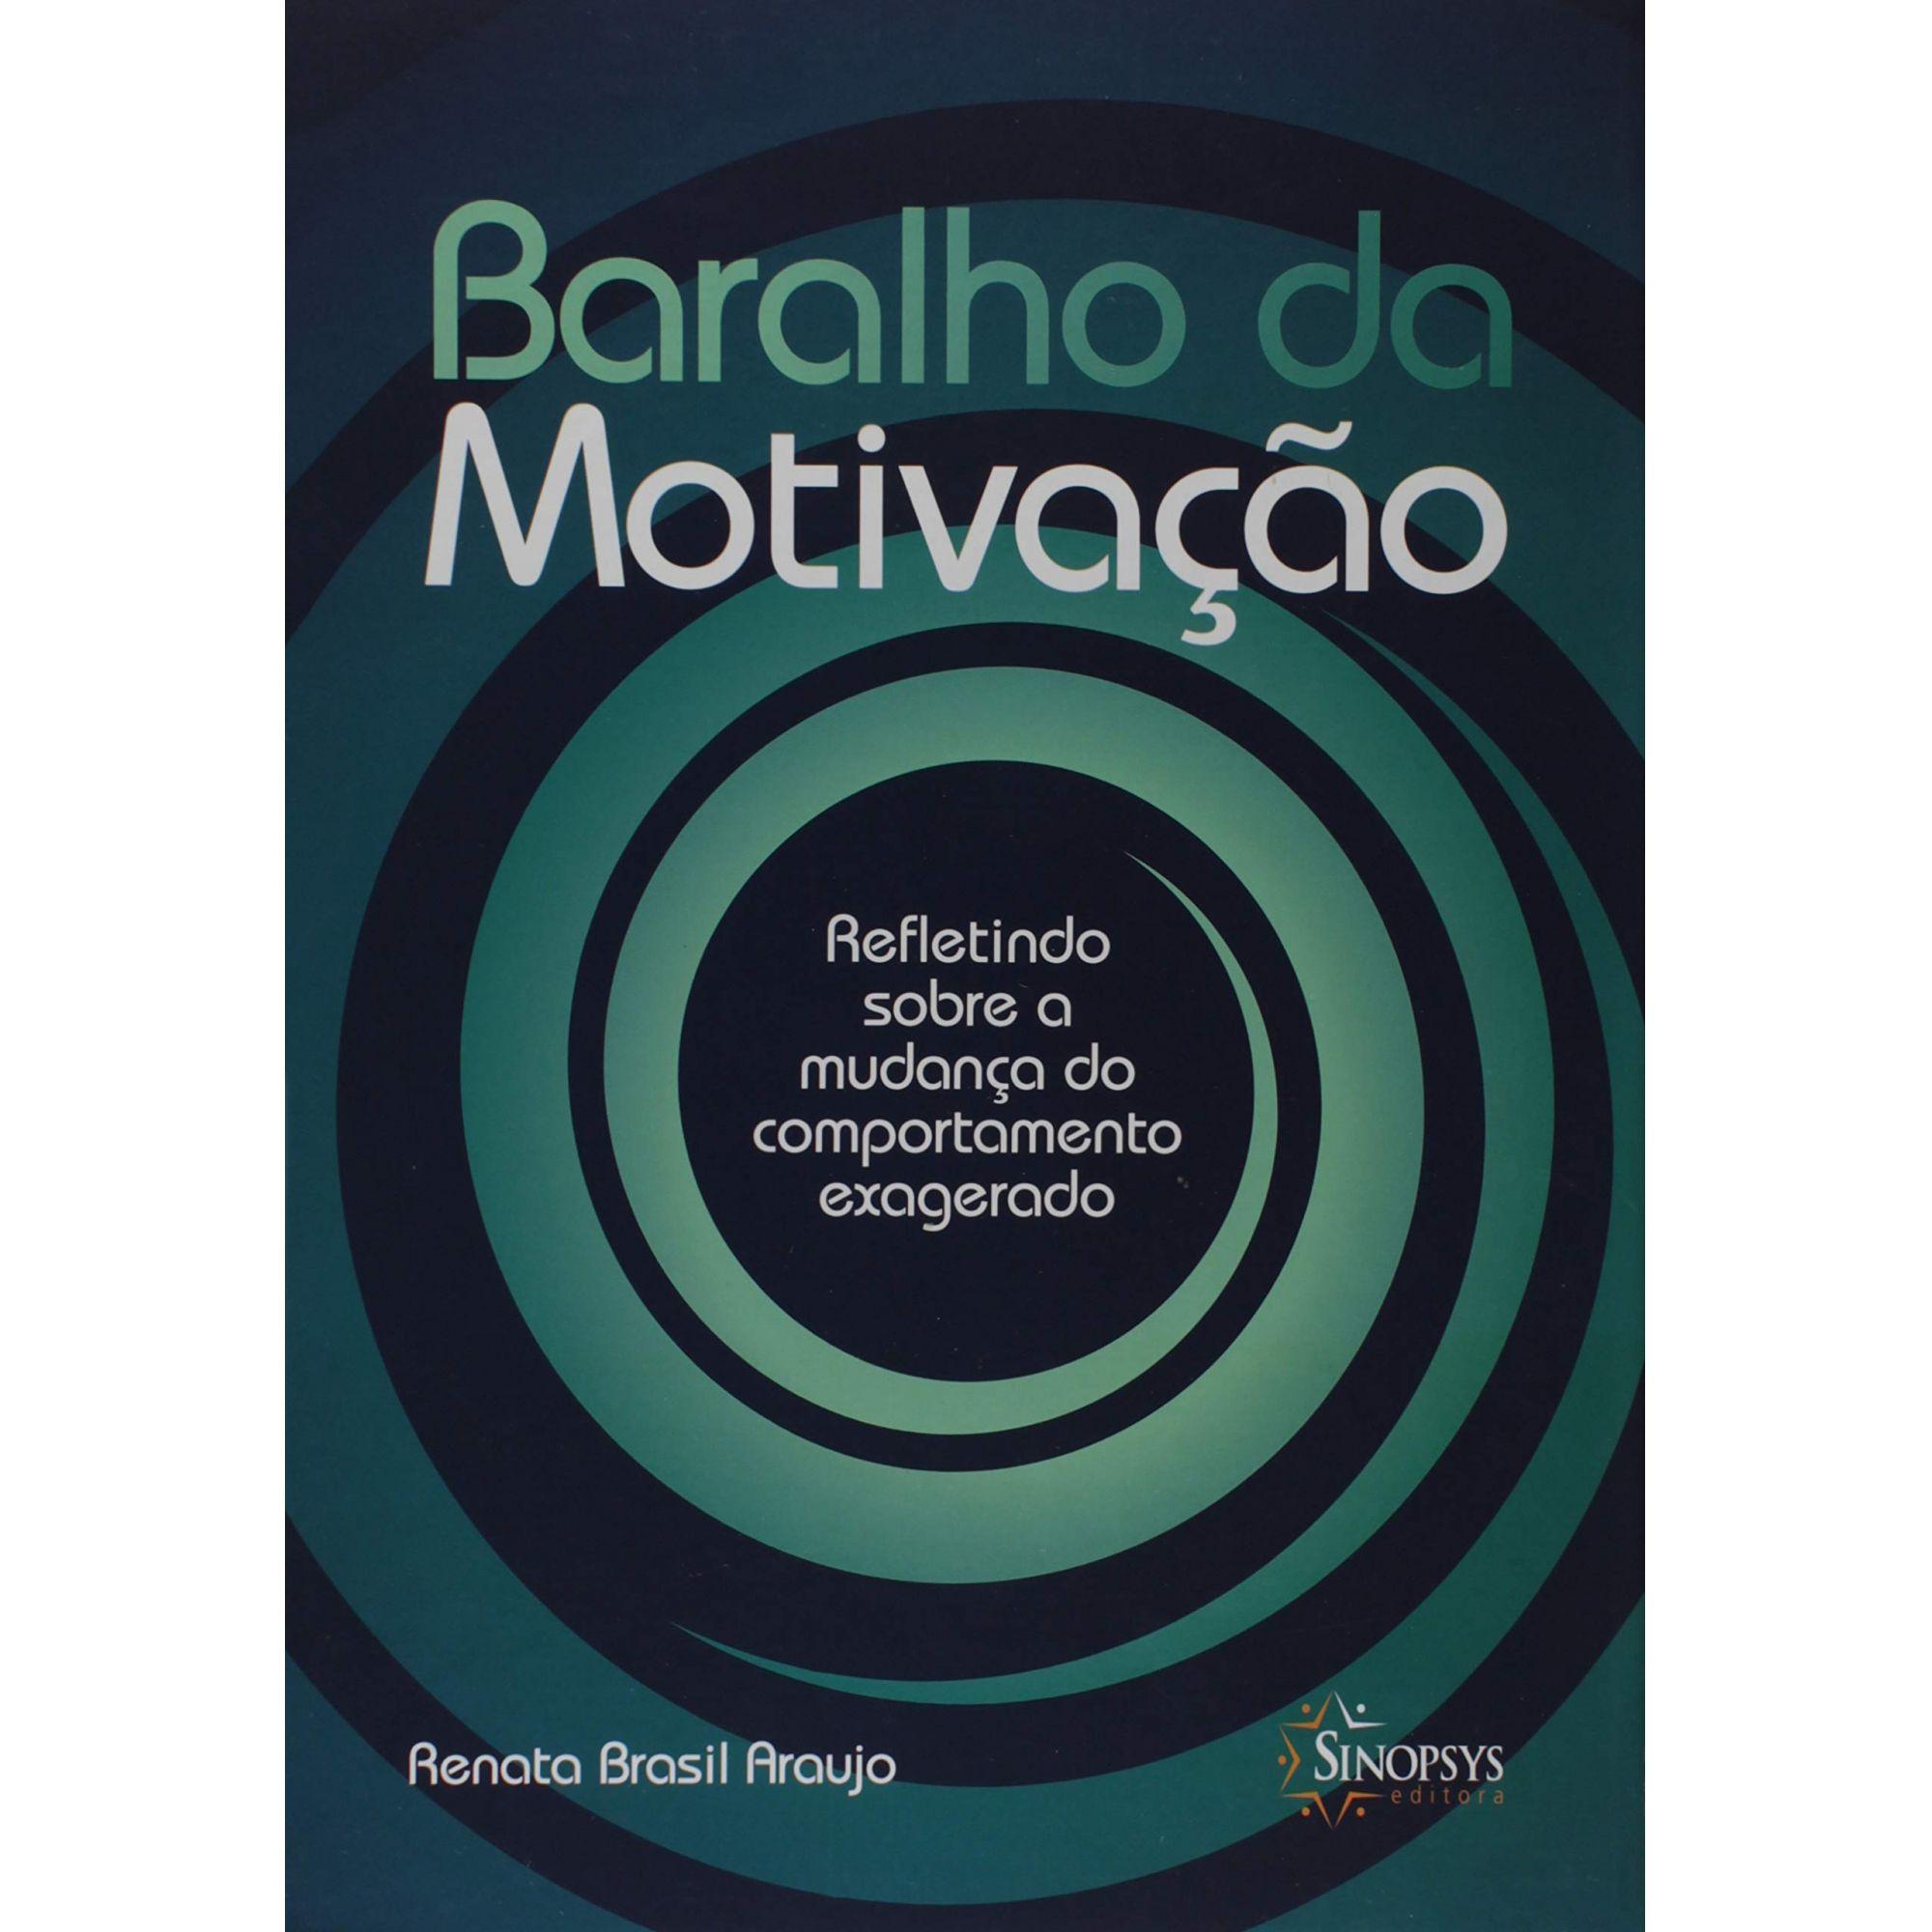 BARALHO DA MOTIVACAO